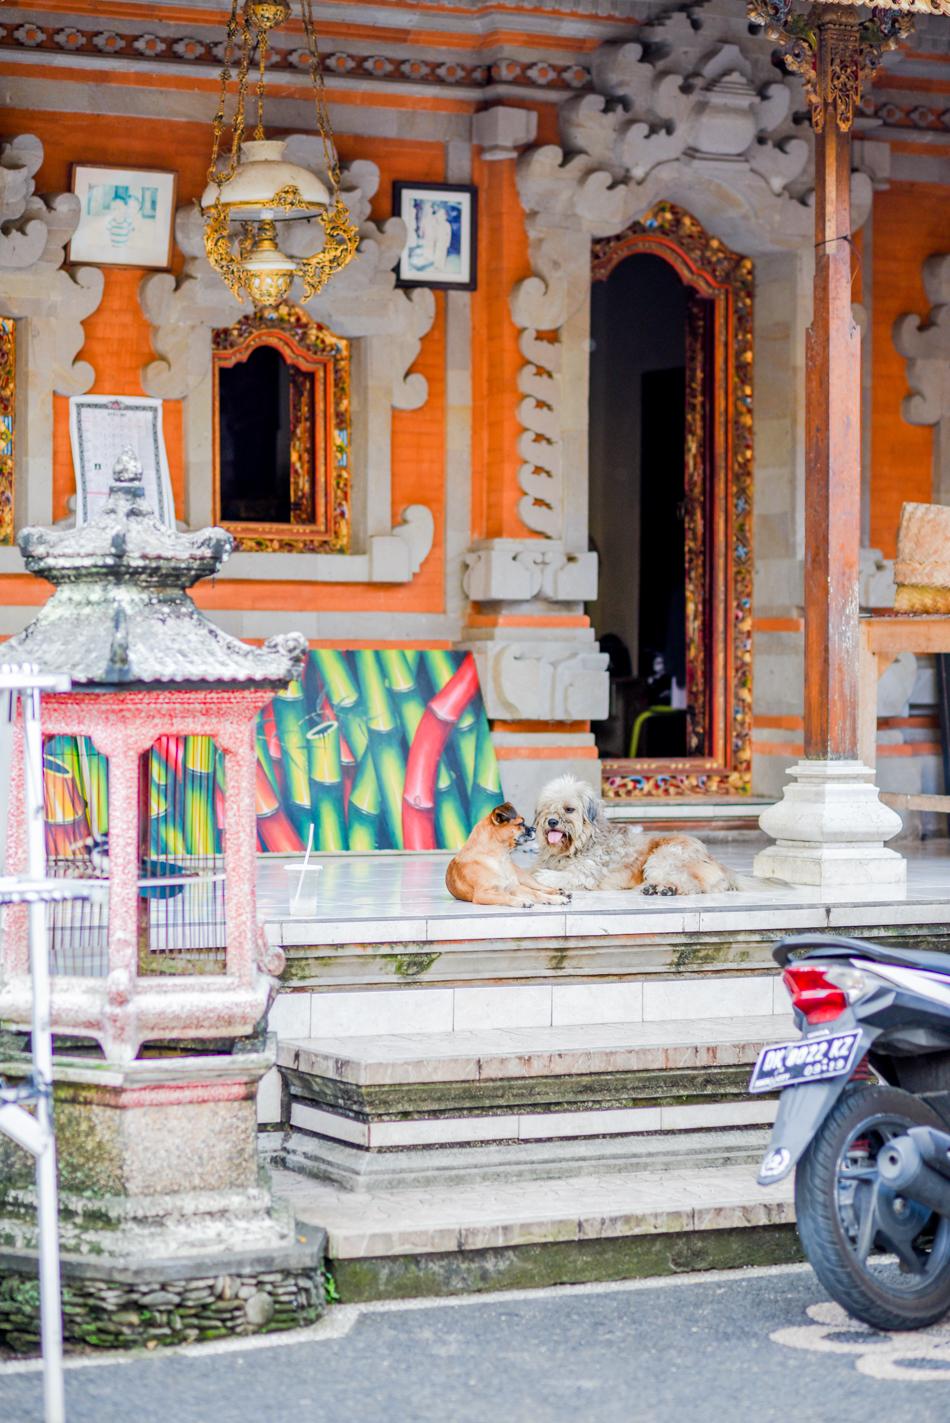 Bali-Honeymoon-Travel-AnaisStoelen-20.jpg